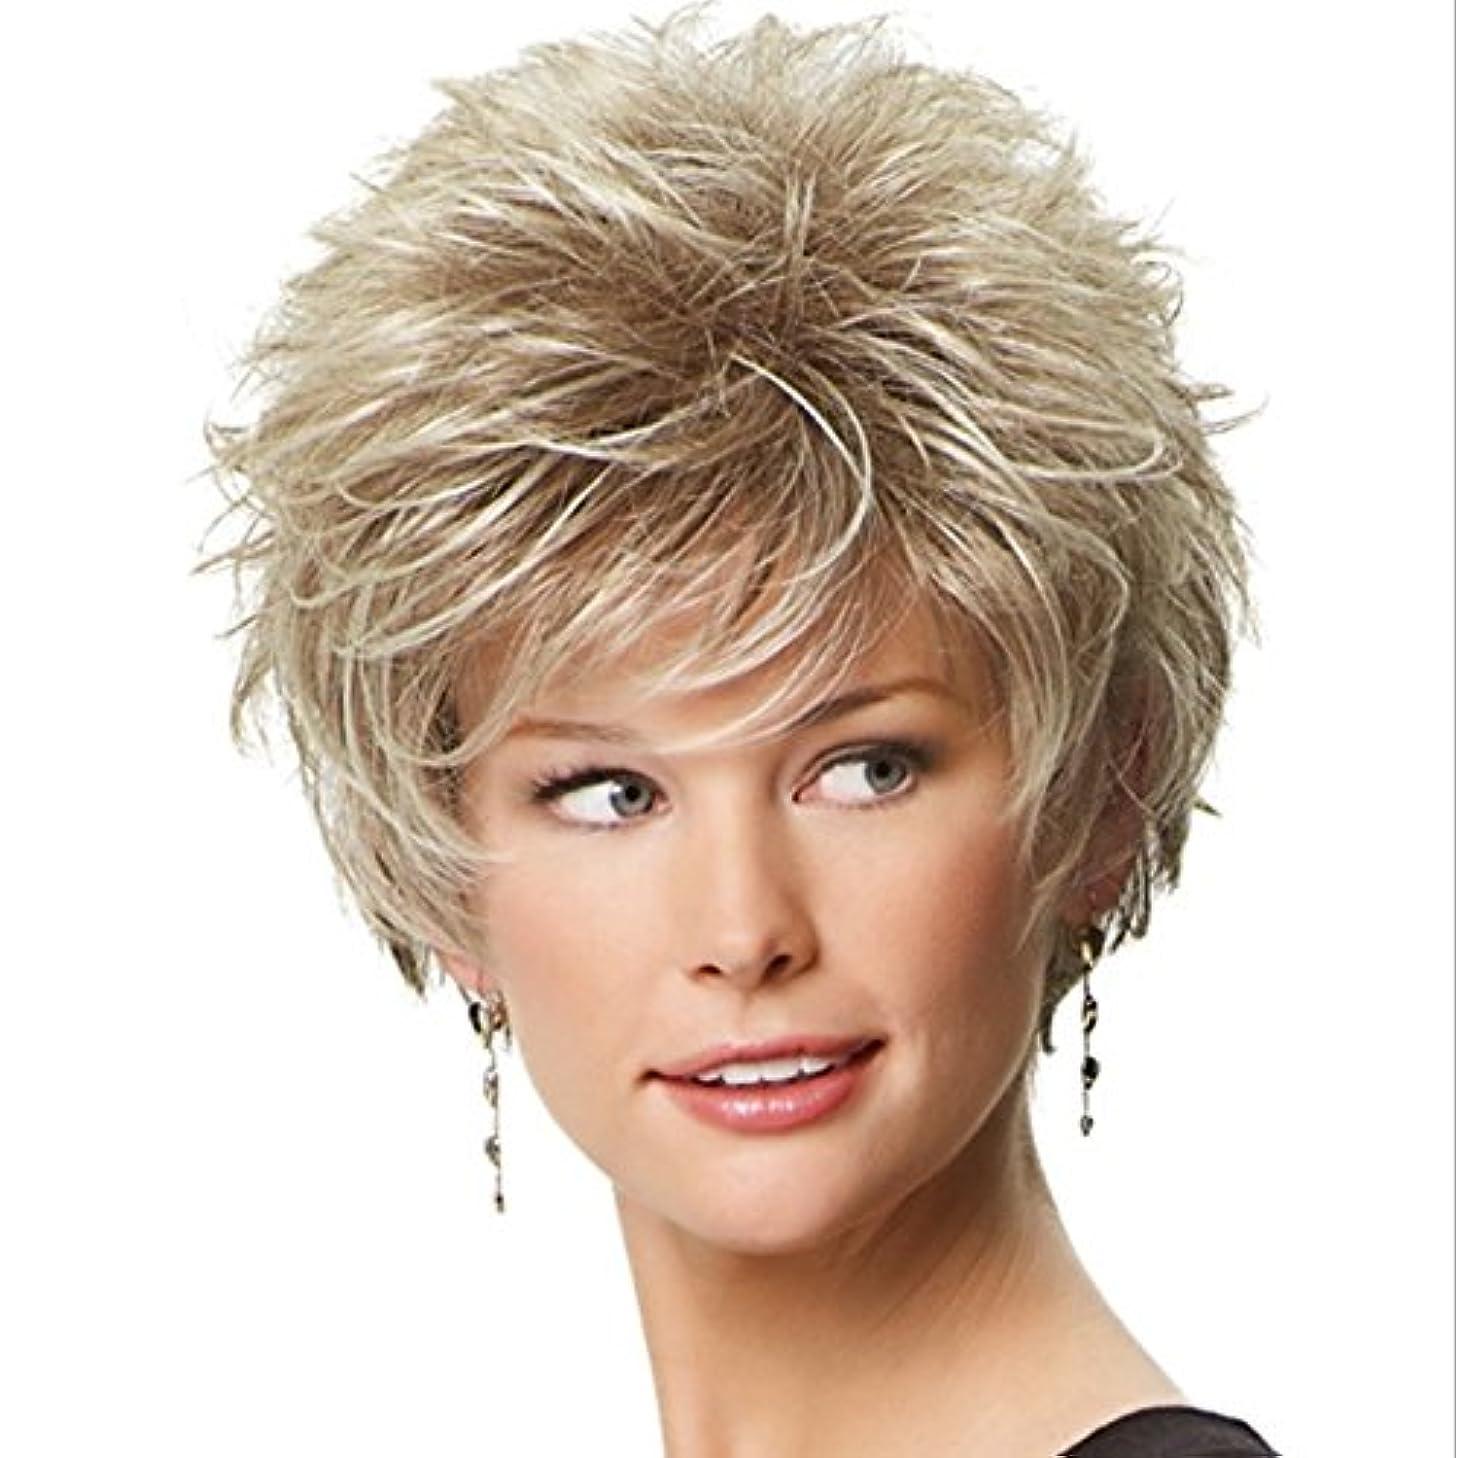 奨学金悪夢スポーツYOUQIU 女性の10インチ/ 11inch用エアフラッツ前髪ウィッグ耐熱ウィッグふわふわで女子ショートカーリーヘアウィッグエレガント(灰色がかった白、金色)ウィッグ (色 : Golden)